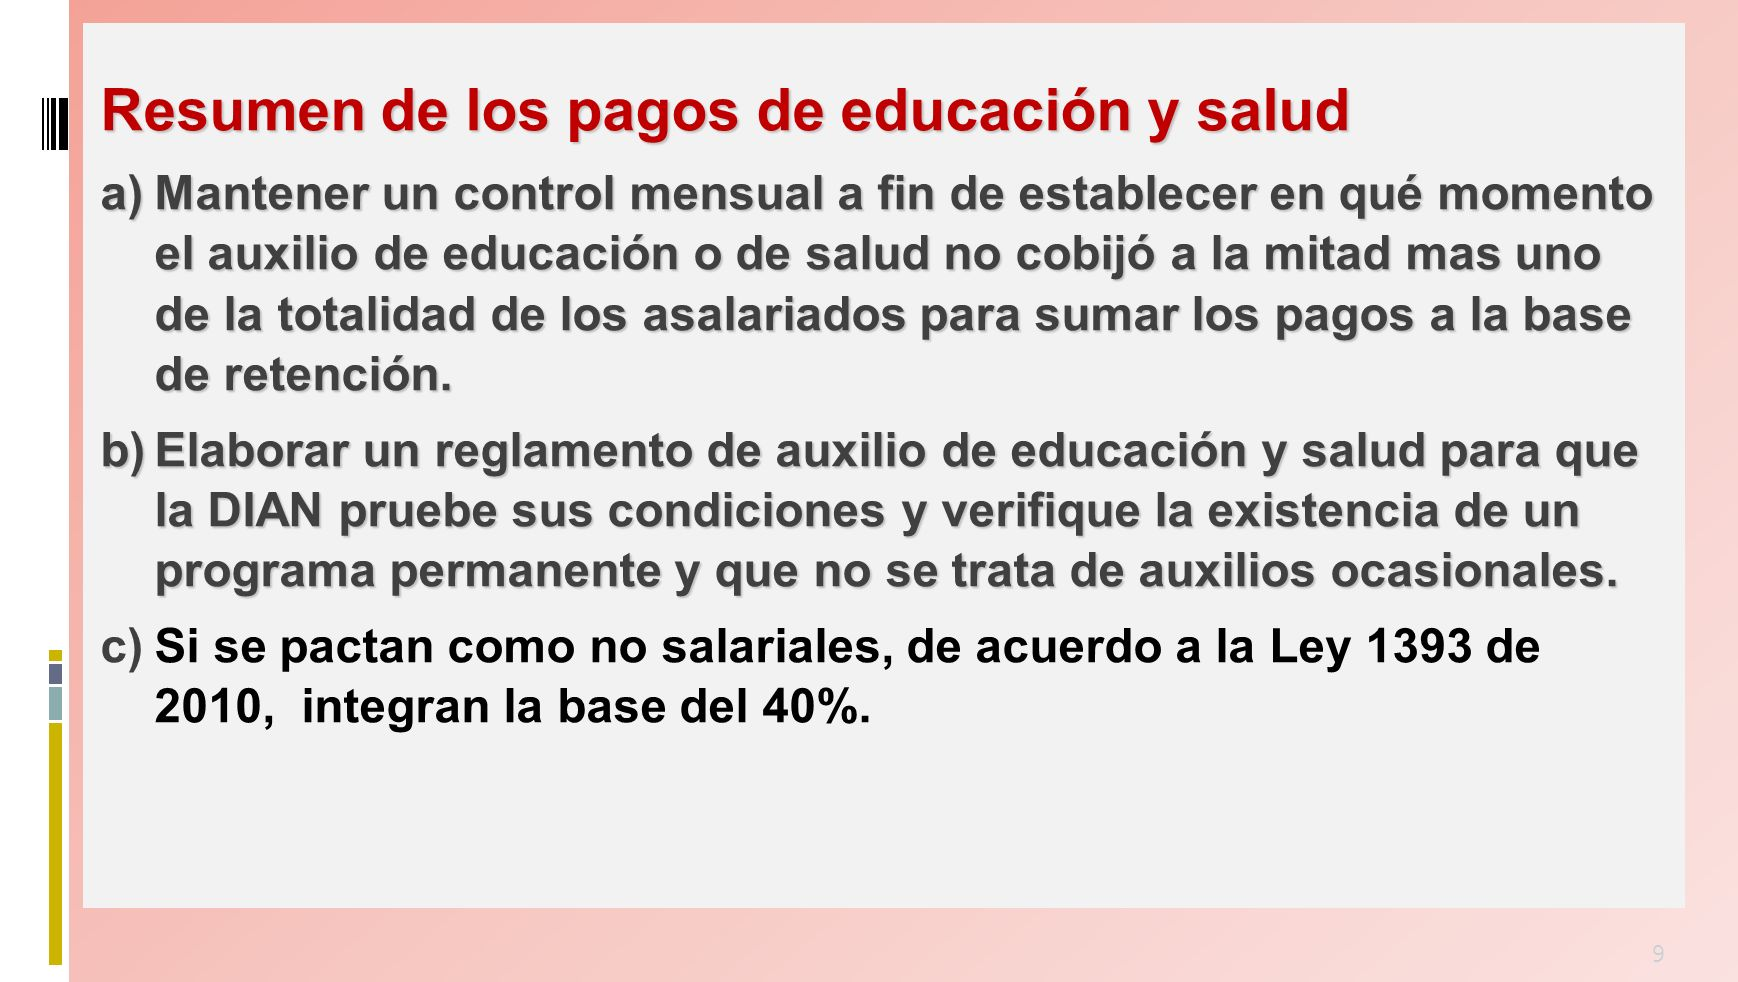 Resumen de los pagos de educación y salud